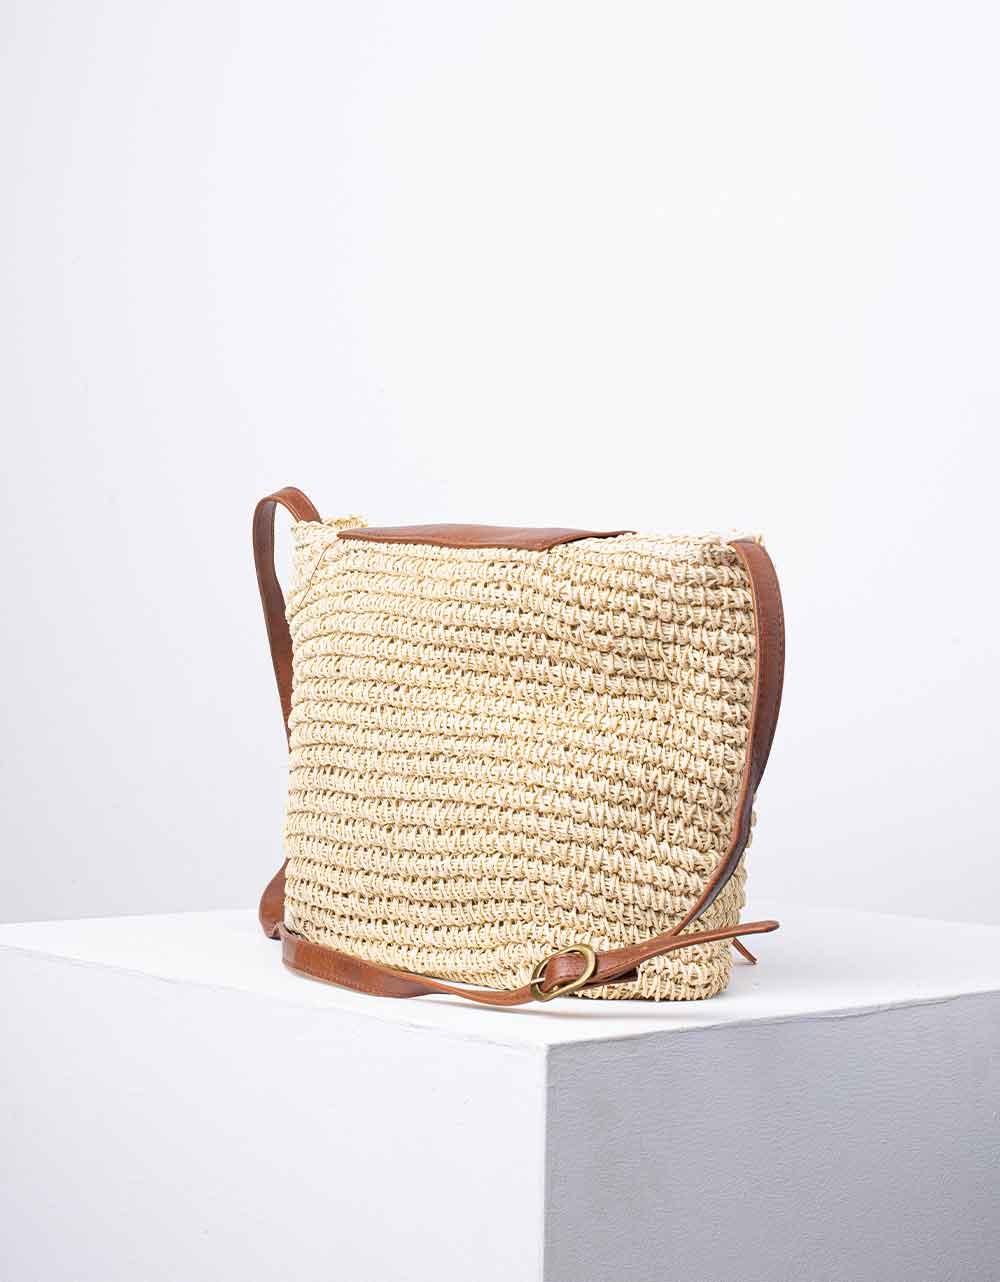 Εικόνα από Γυναικεία τσάντα ώμου & χιαστί ψάθινη με διακοσμητικό φουντάκι Μπεζ